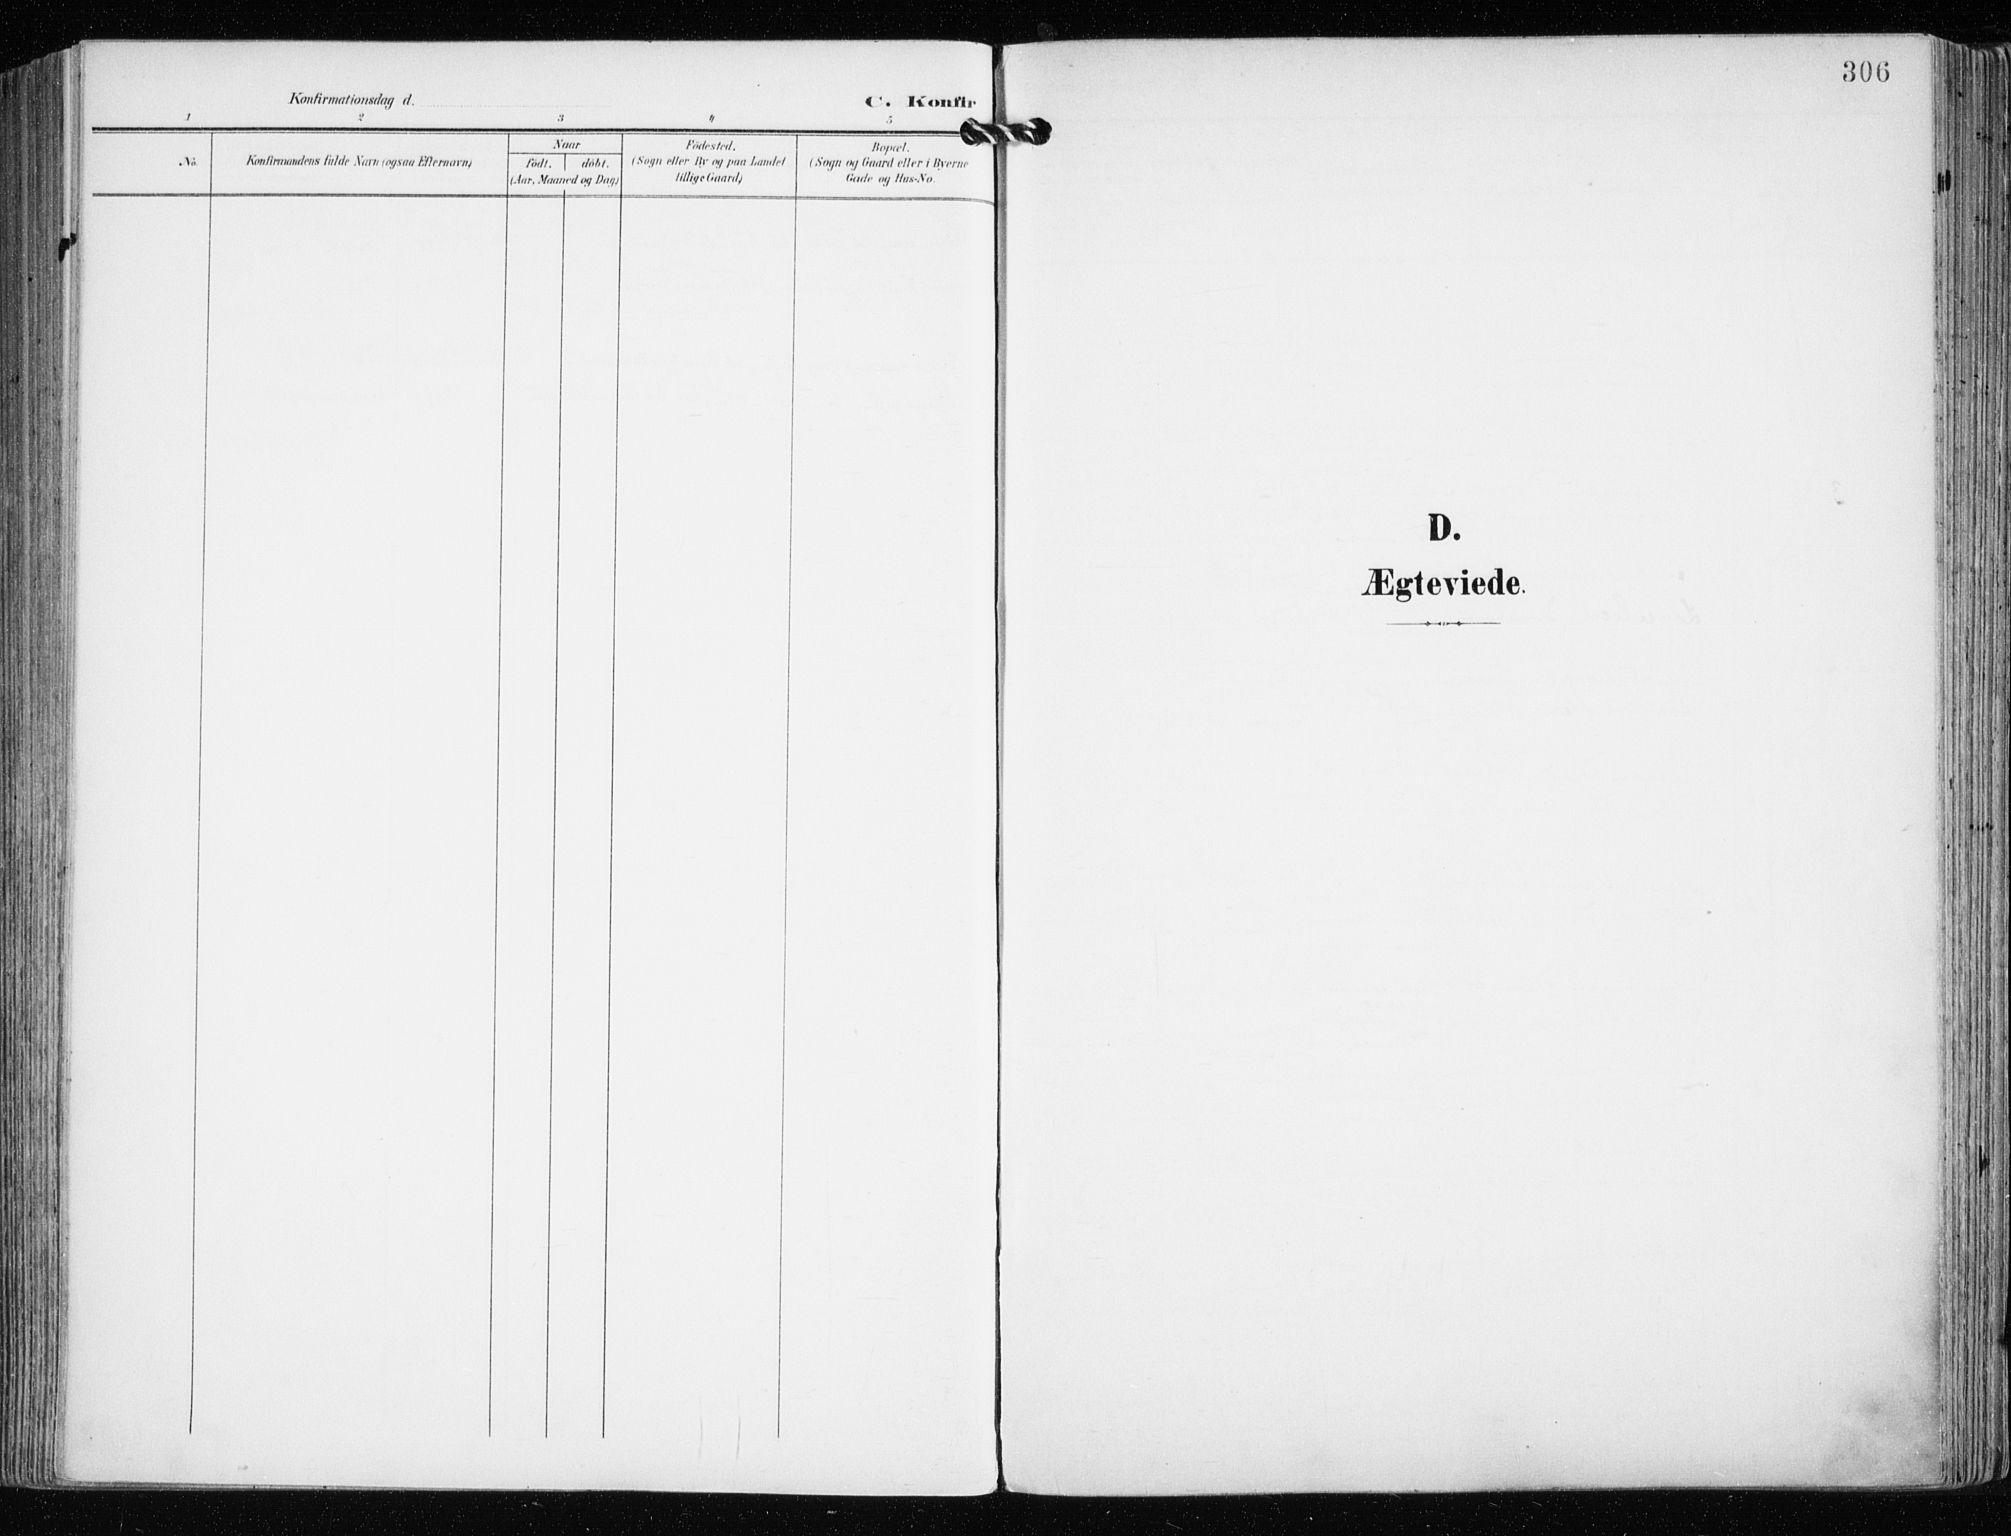 SATØ, Tromsø sokneprestkontor/stiftsprosti/domprosti, G/Ga/L0016kirke: Ministerialbok nr. 16, 1899-1906, s. 306